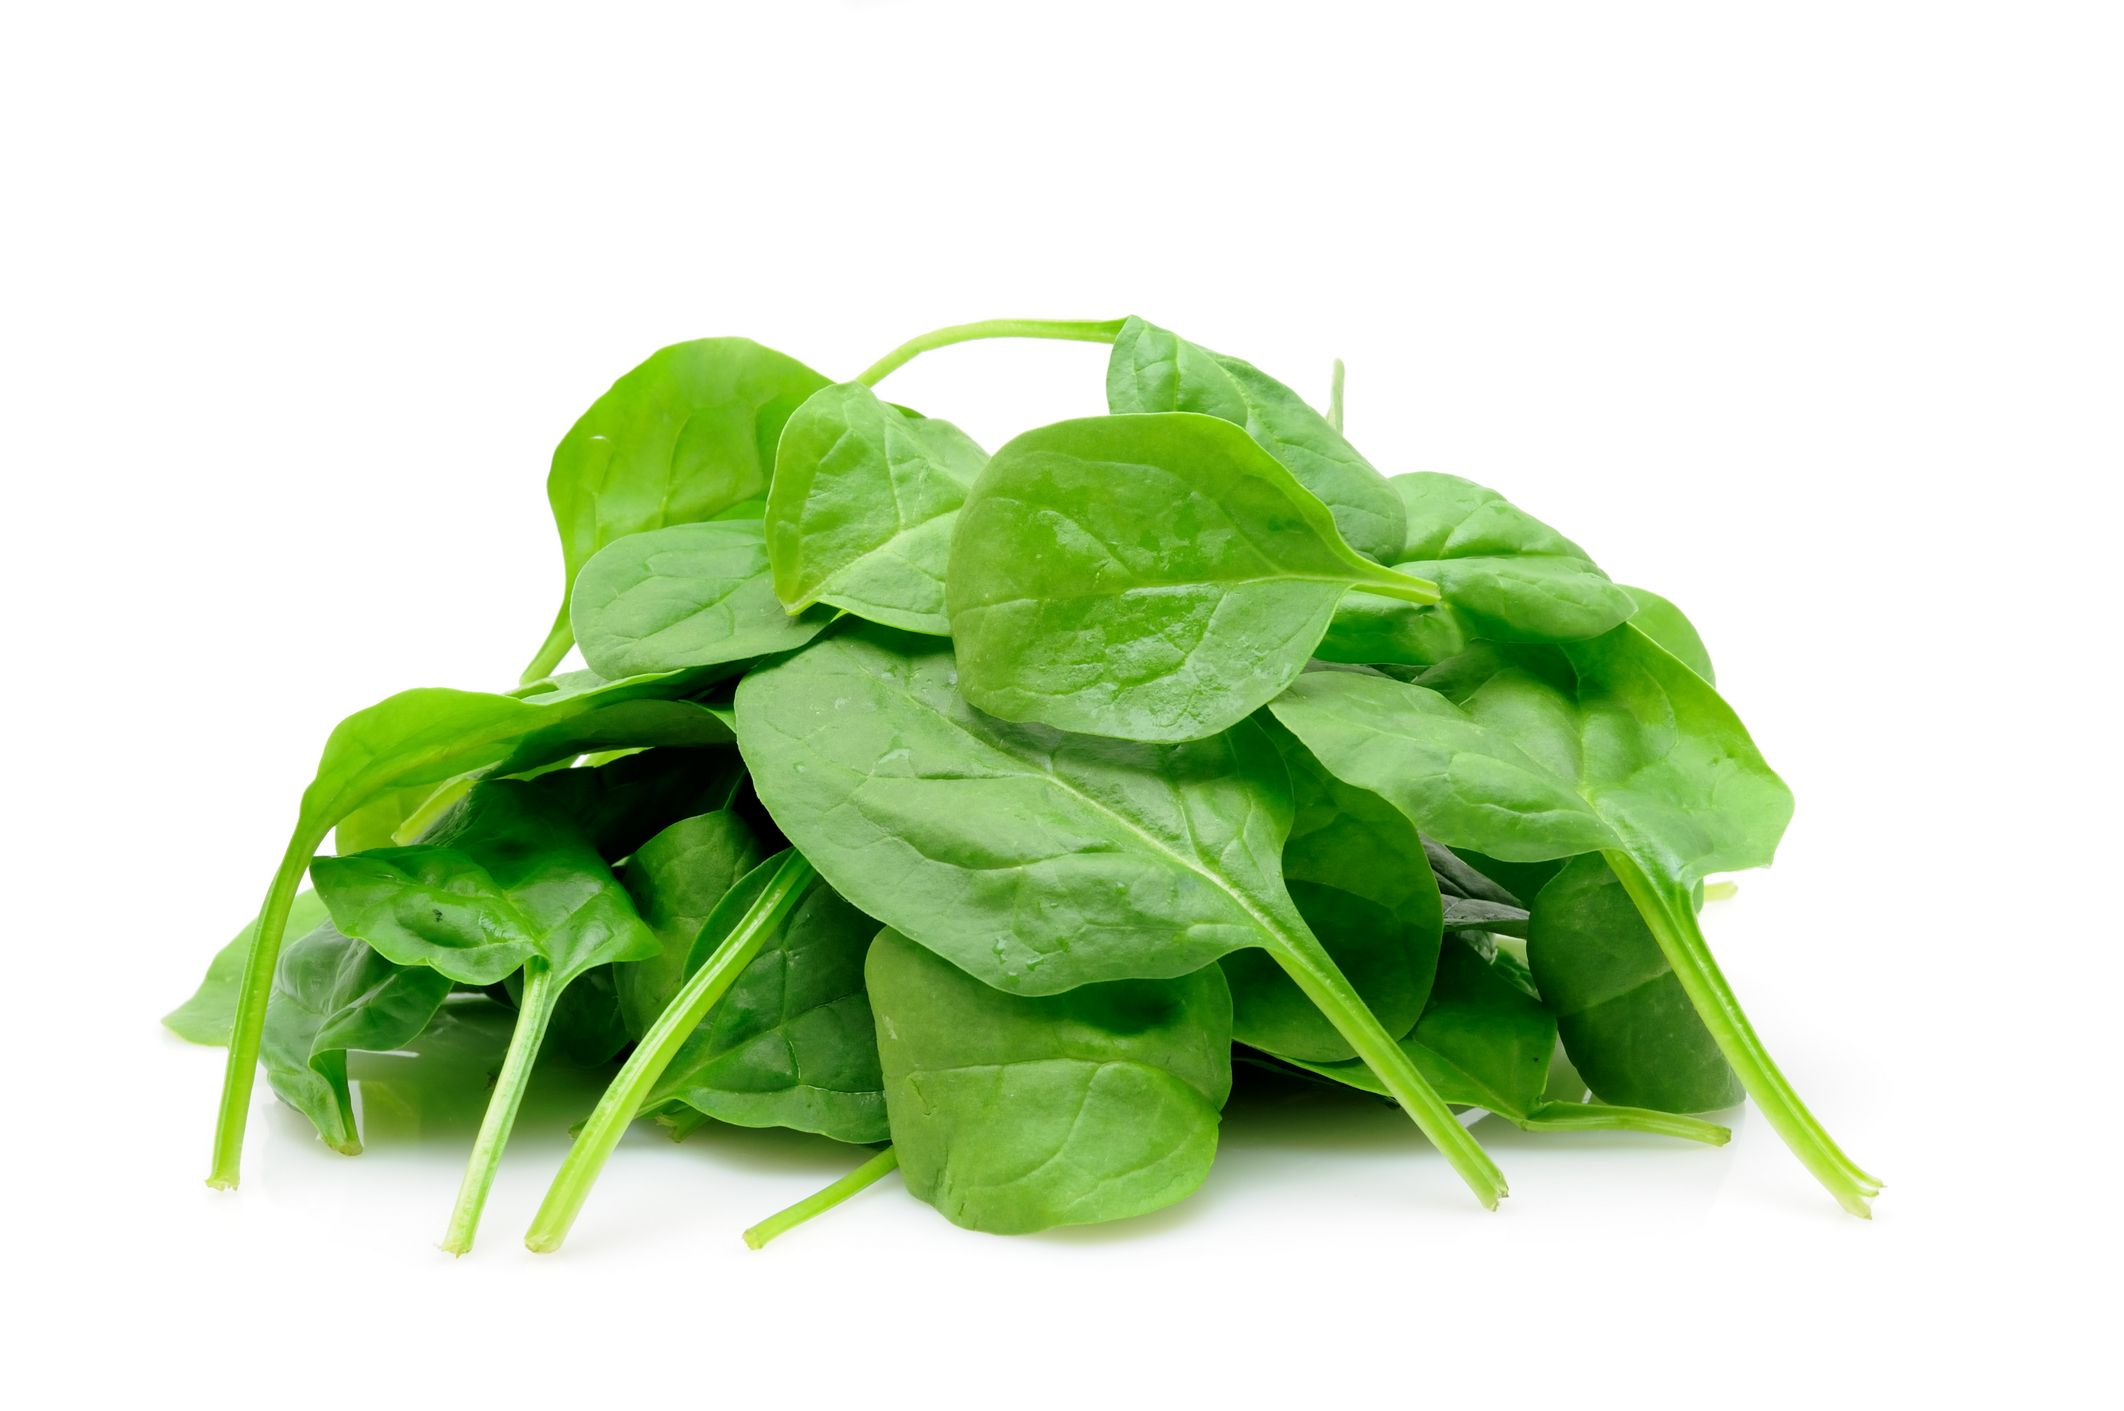 7 zdravých potravín, ktoré vám vo veľkých množstvách môžu uškodiť